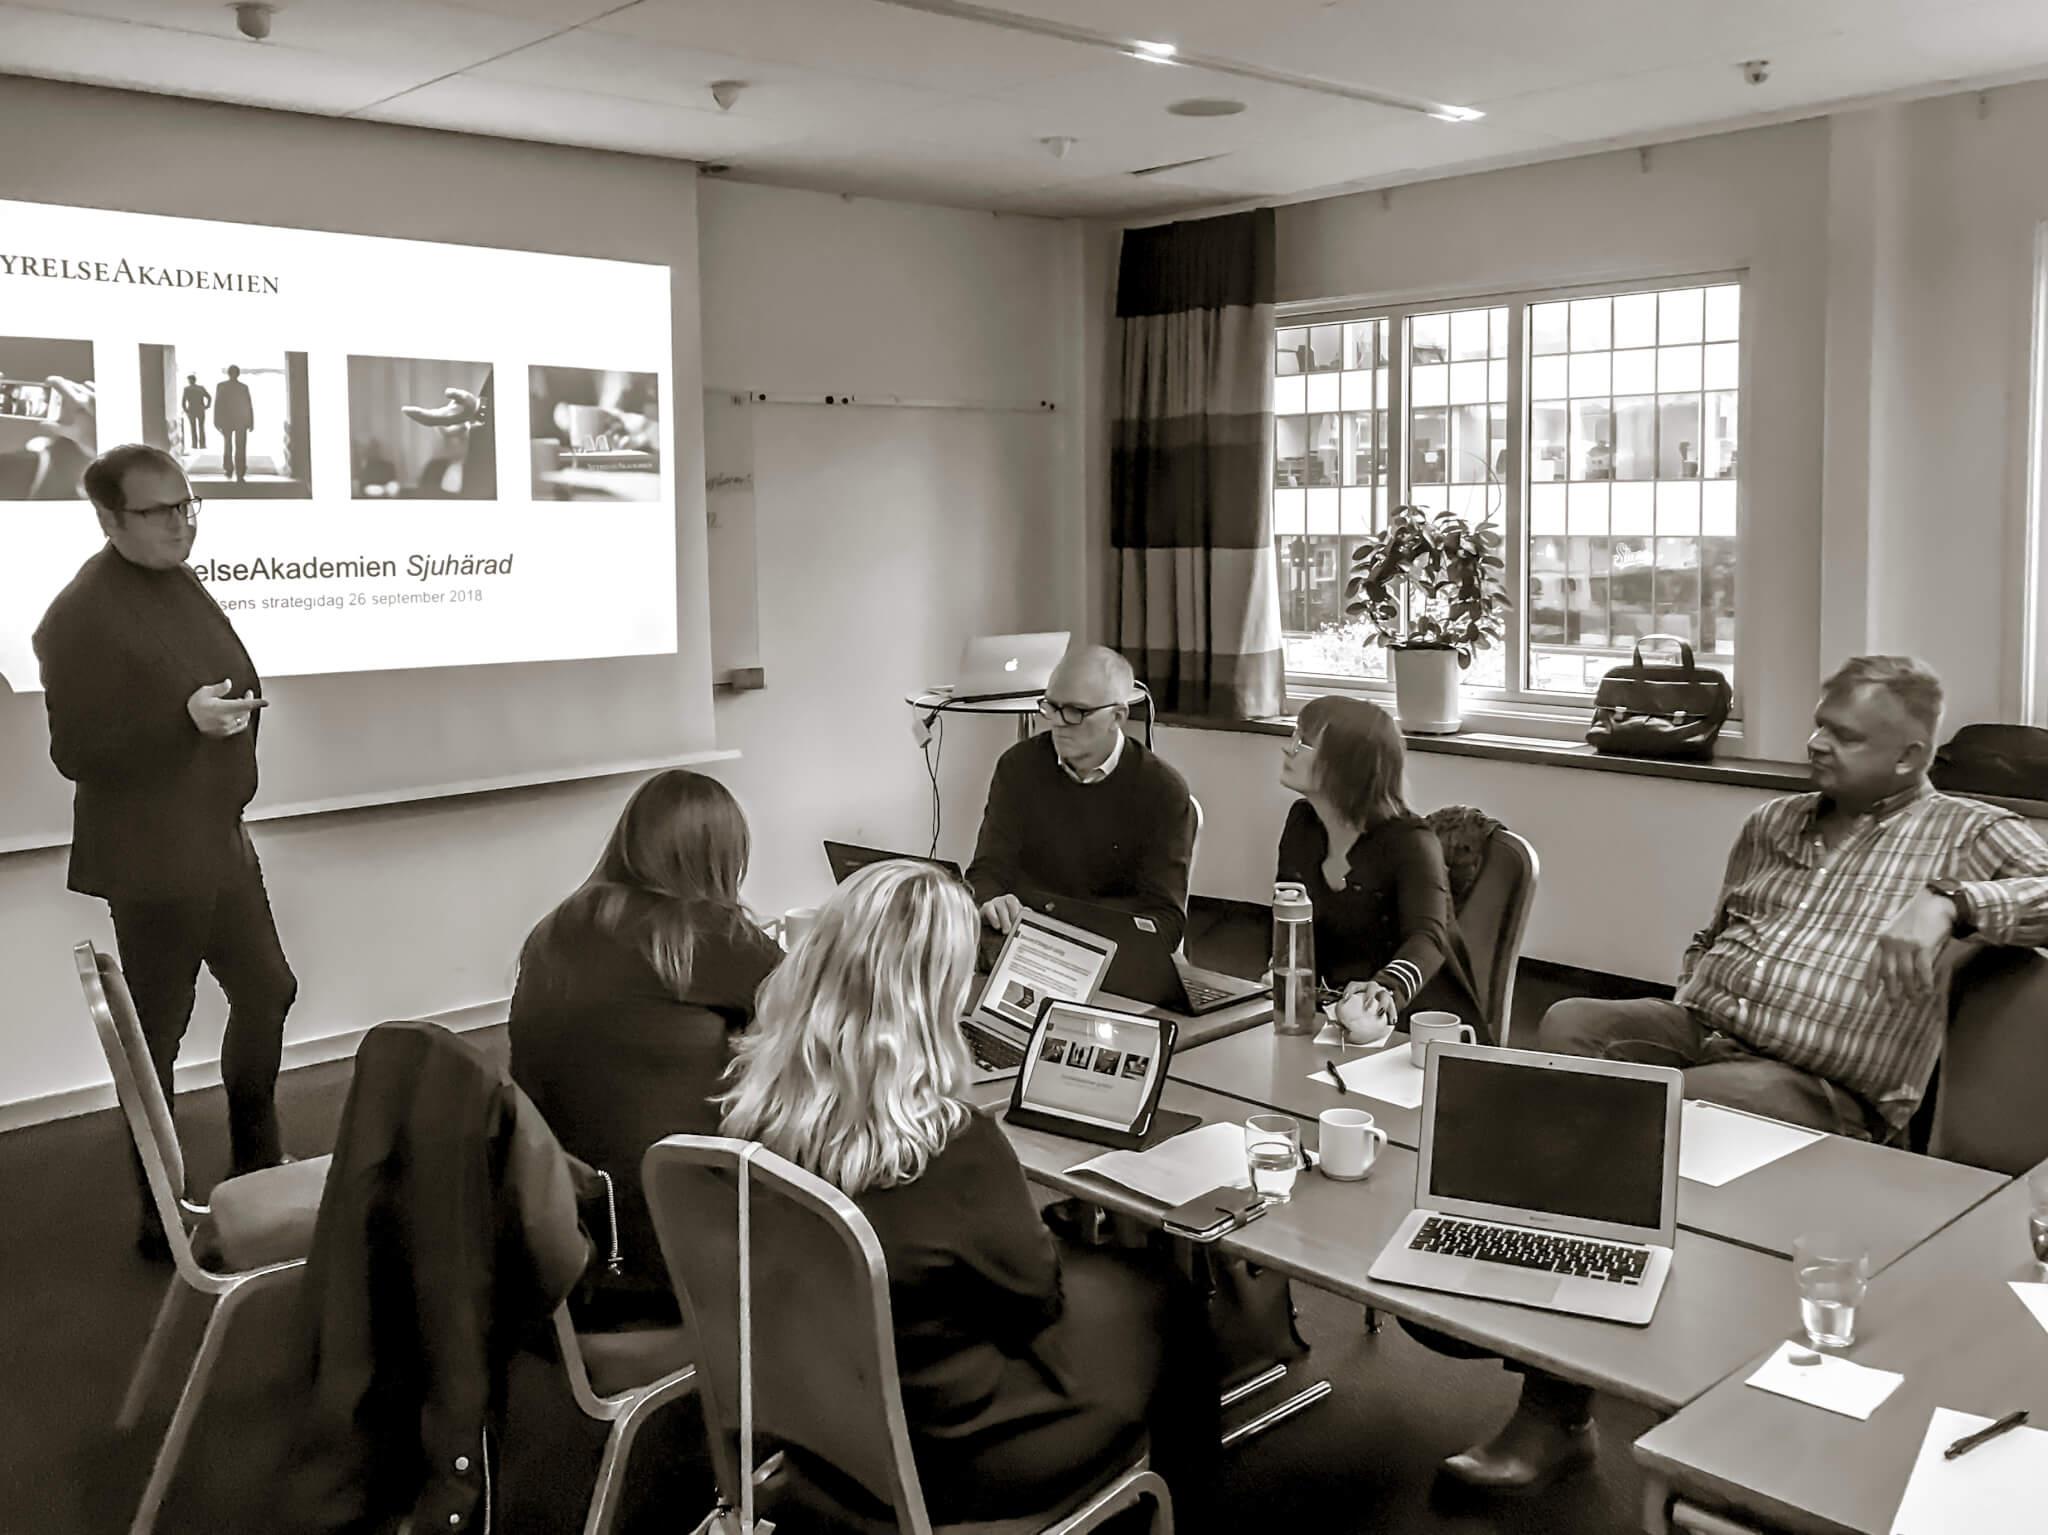 Workshop för StyrelseAkademien Sjuhärad